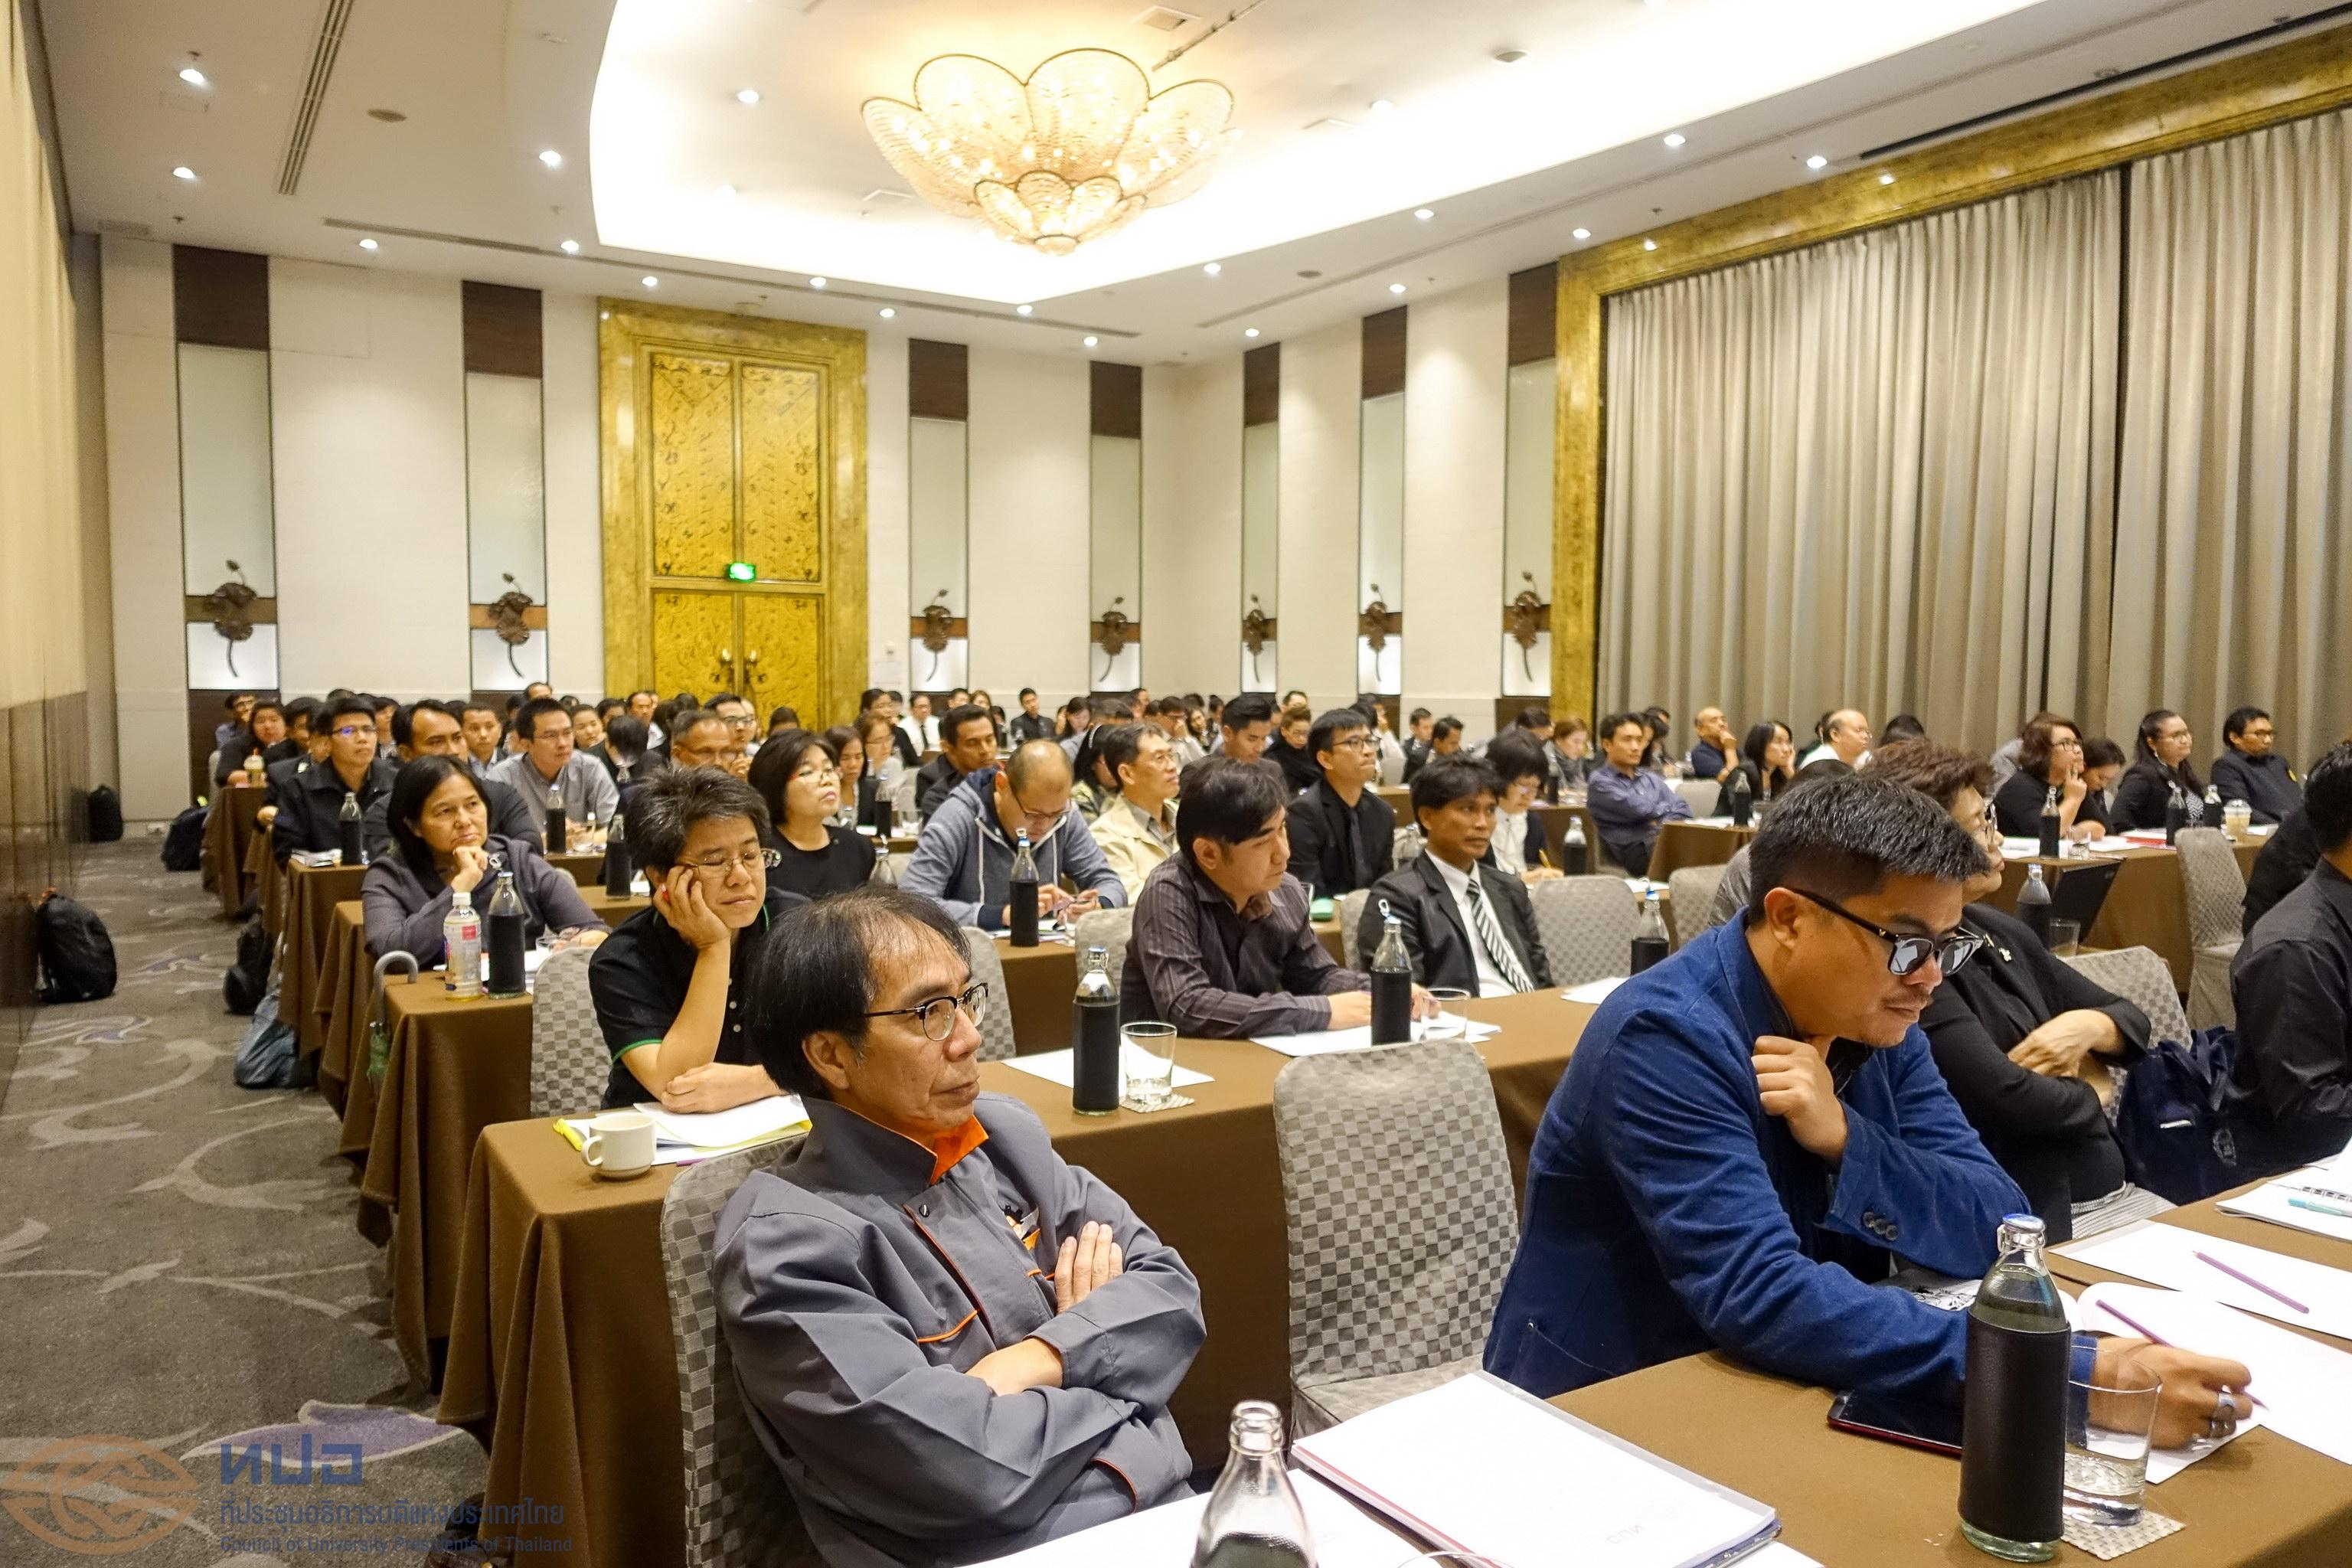 โครงการอบรม การพัฒนาผู้ประเมินฯ ตามเกณฑ์ CUPT Indicators Tier 1